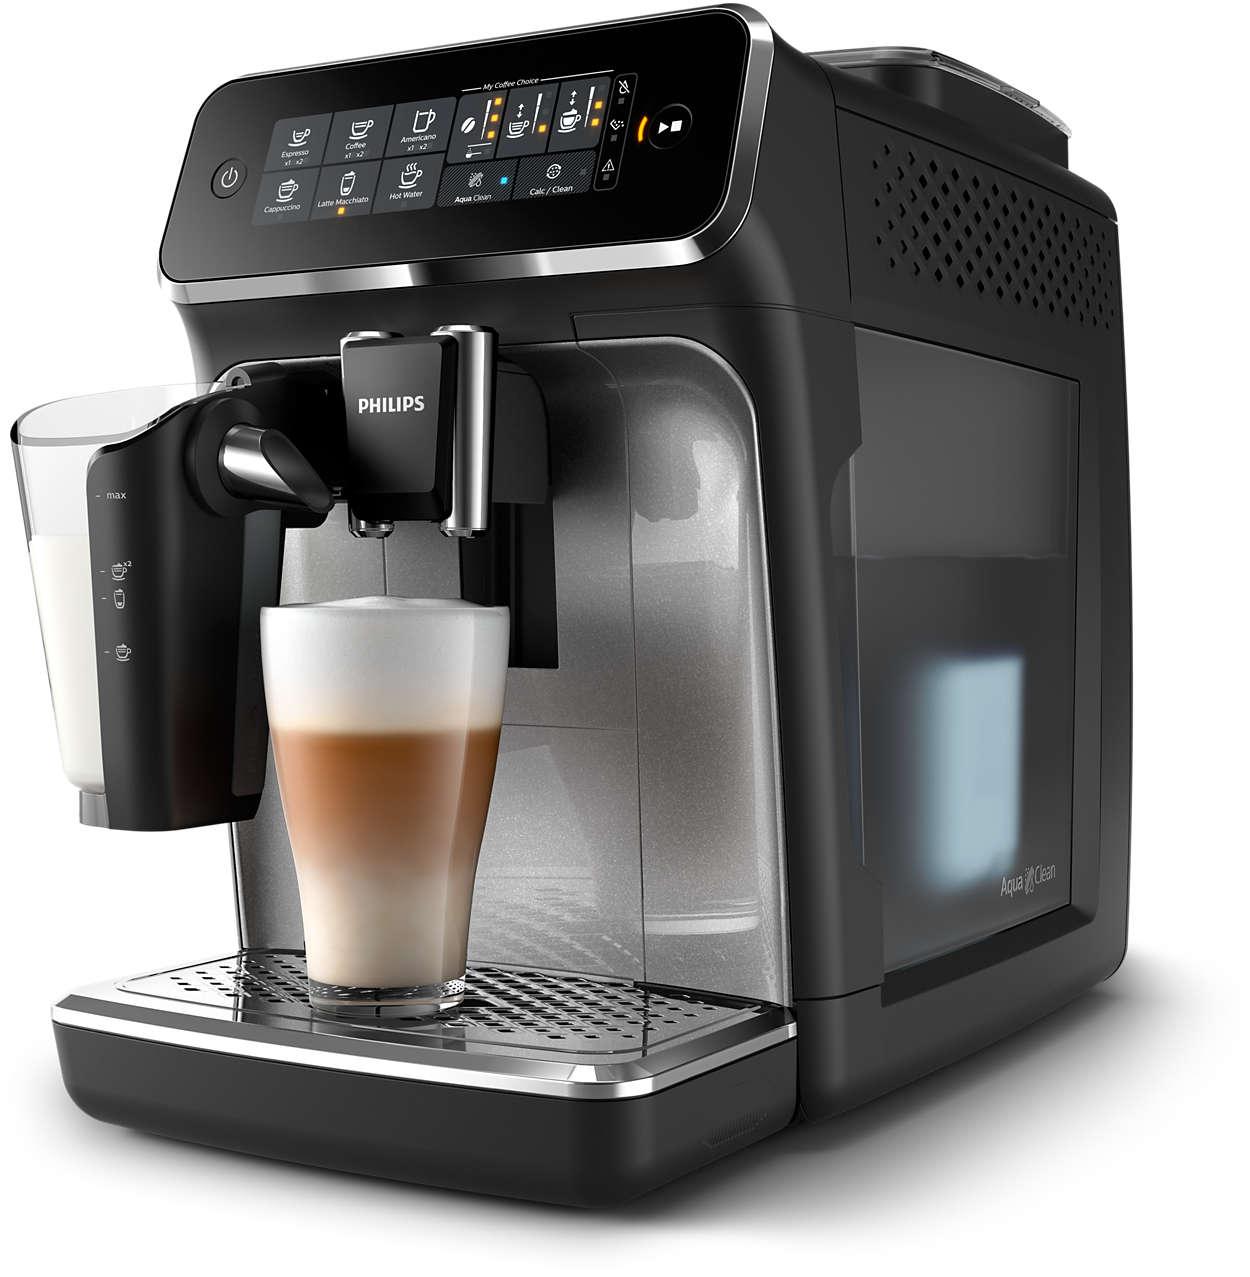 5 finom kávéváltozat – egyszerűbben mint valaha